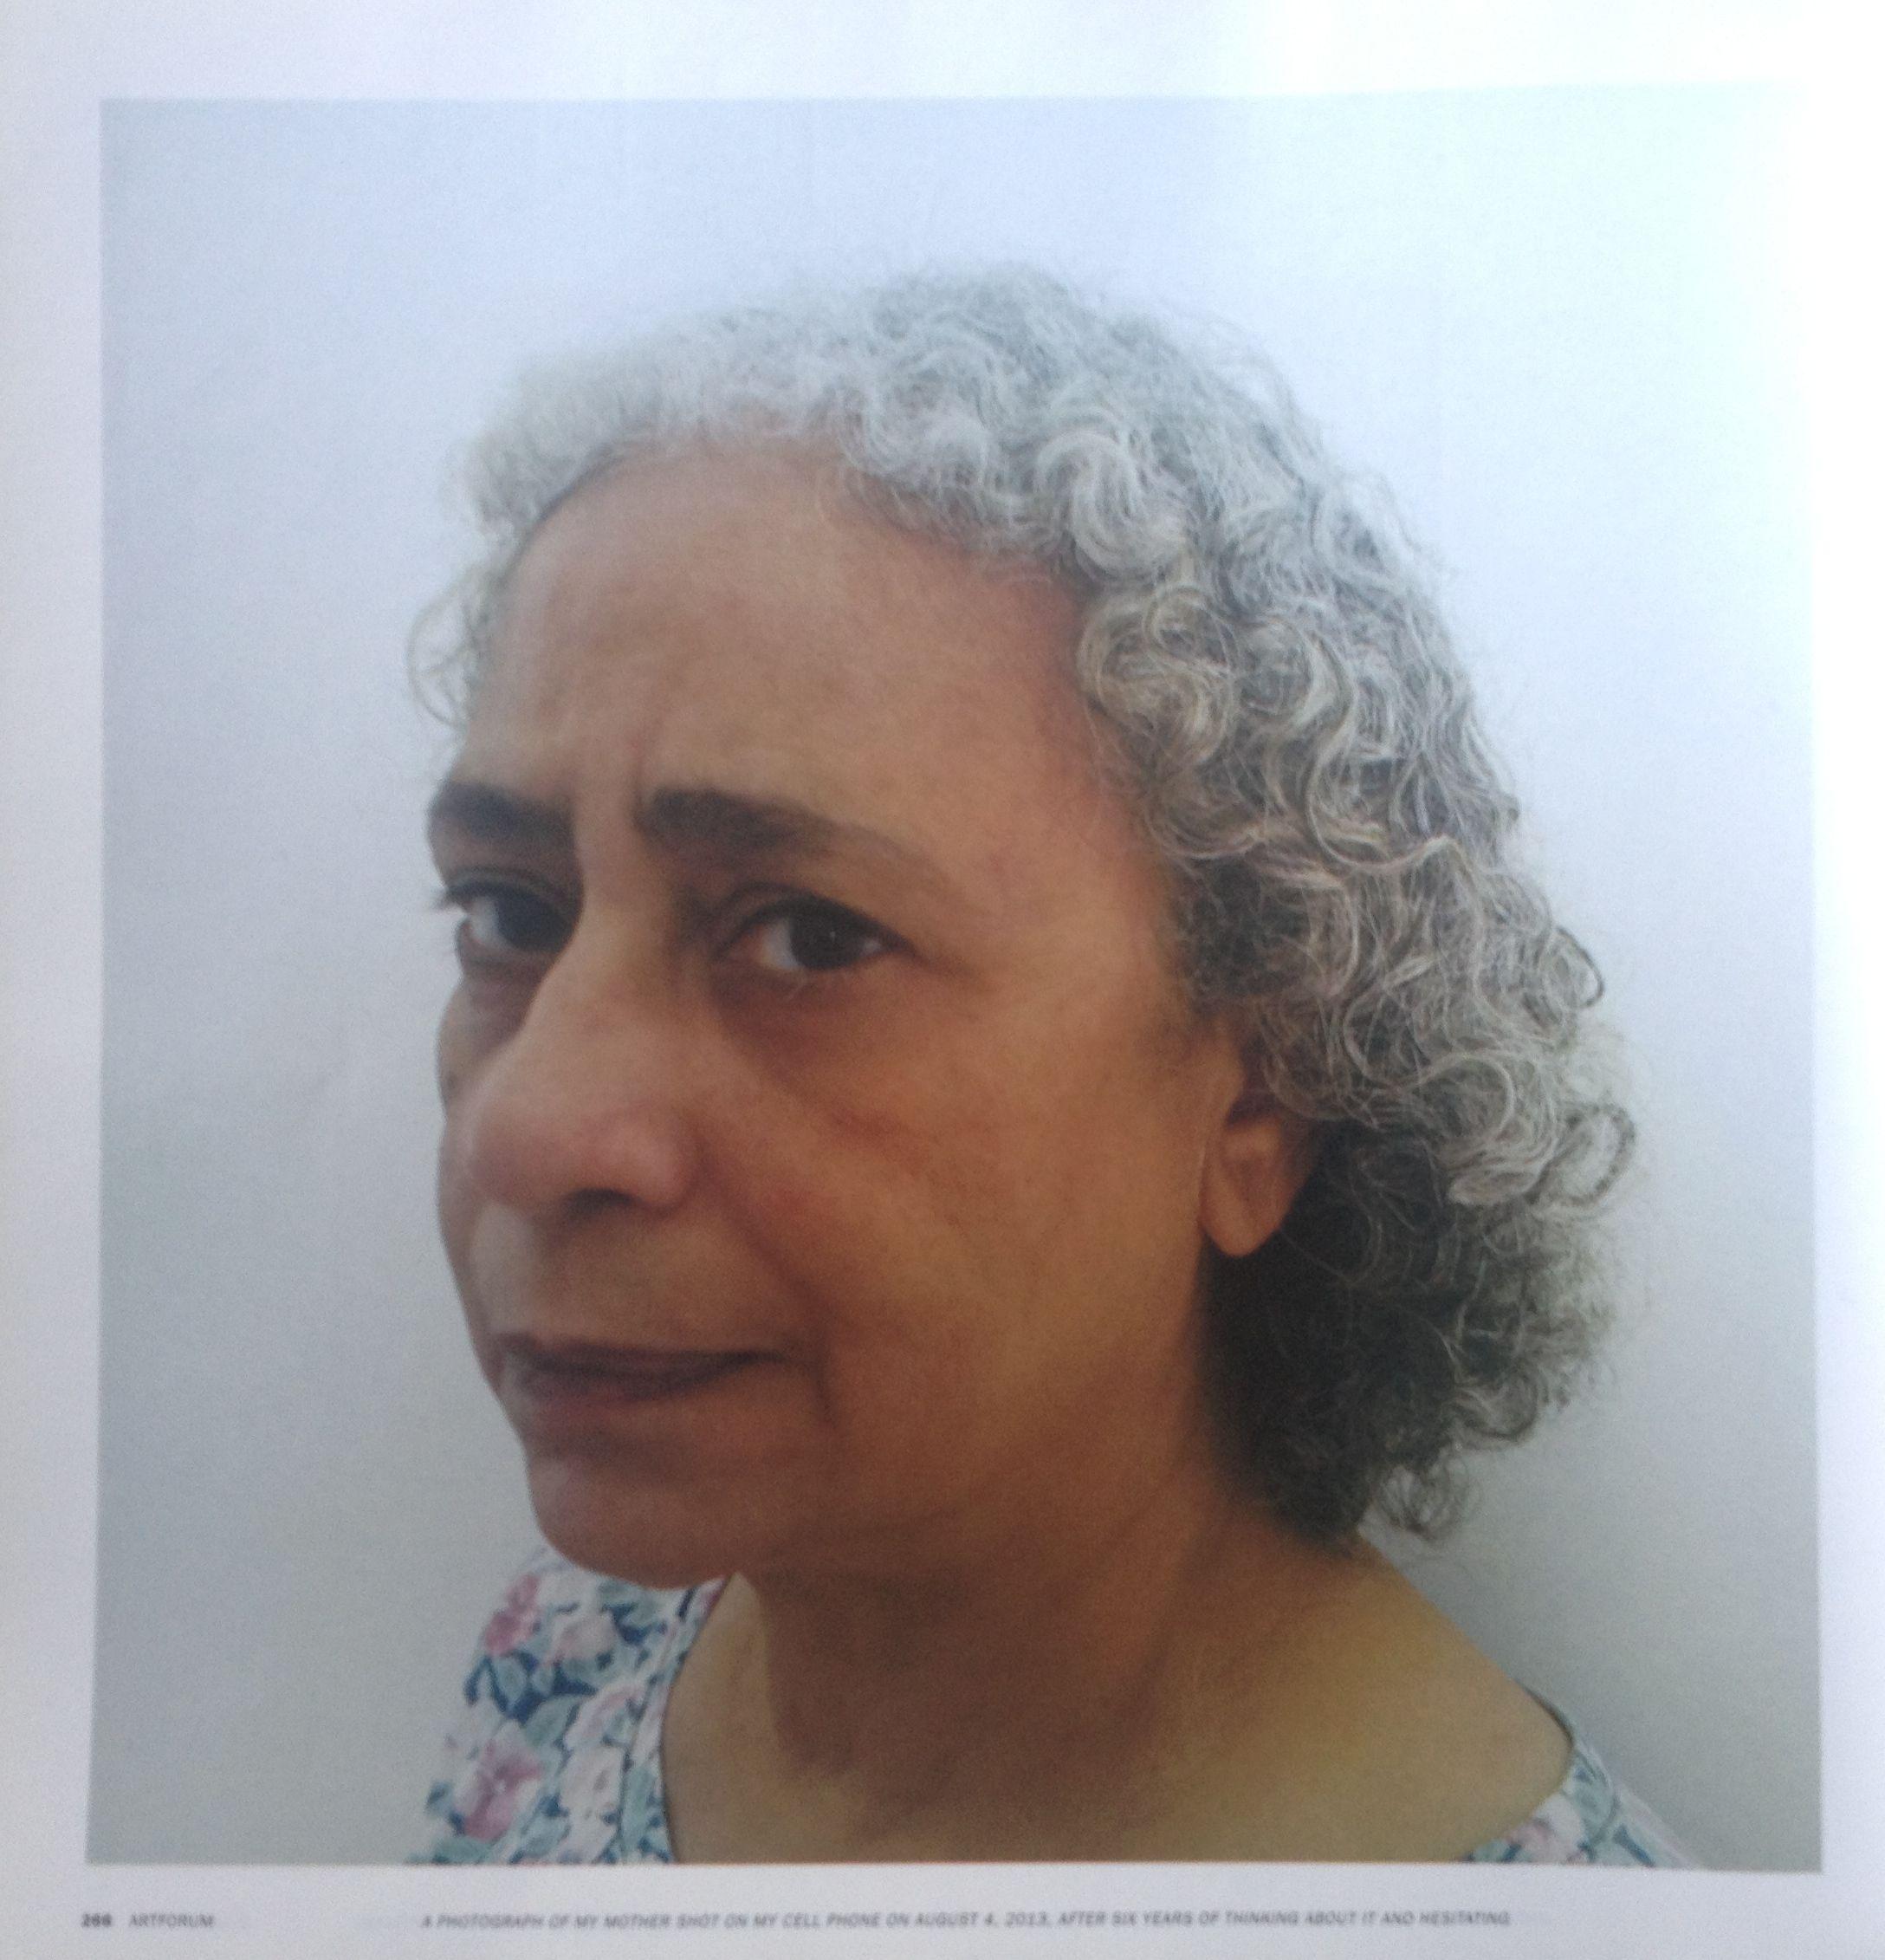 صورة من صفحة مجلة ArtForum لسلسلة حسن خان Trusted Sources